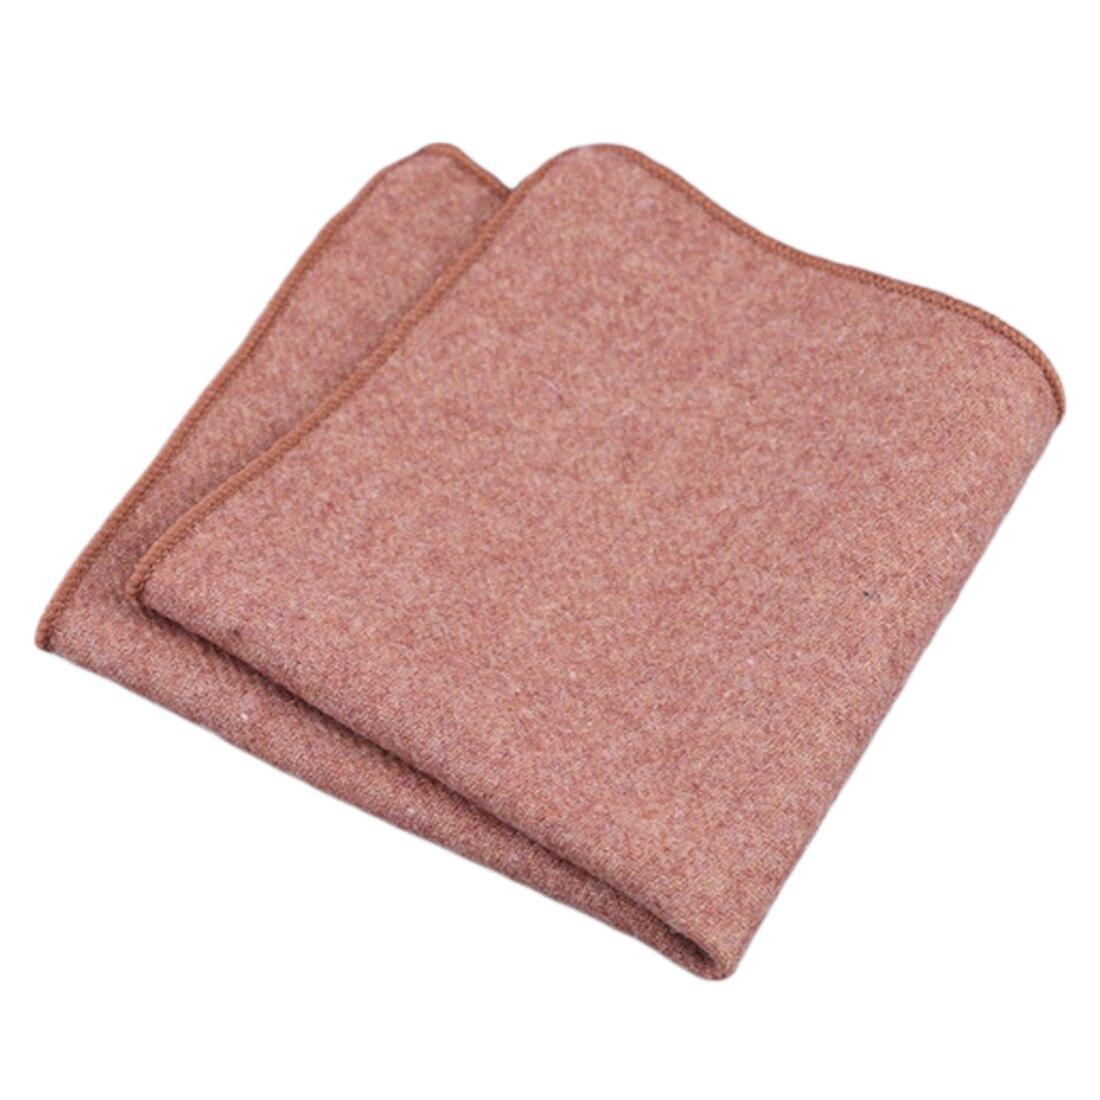 Charming Hankerchief Schals Vintage Wolle Taschentücher Herren Einstecktuch Taschentücher Striped Solide Baumwolle 23*23 Cm